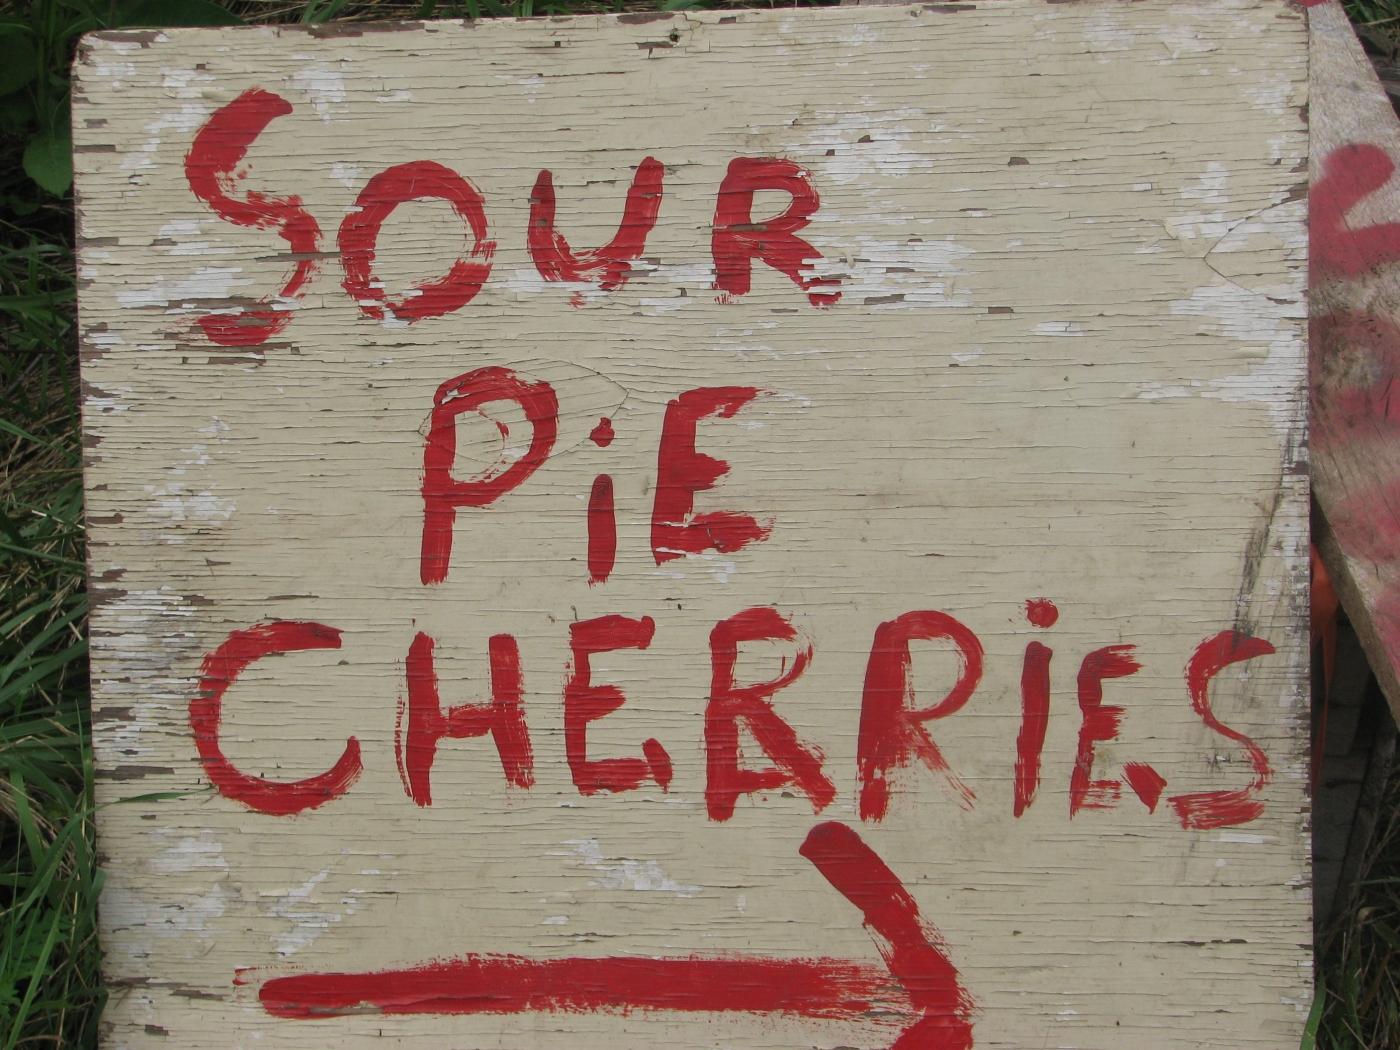 Park 7-sour cherries!!